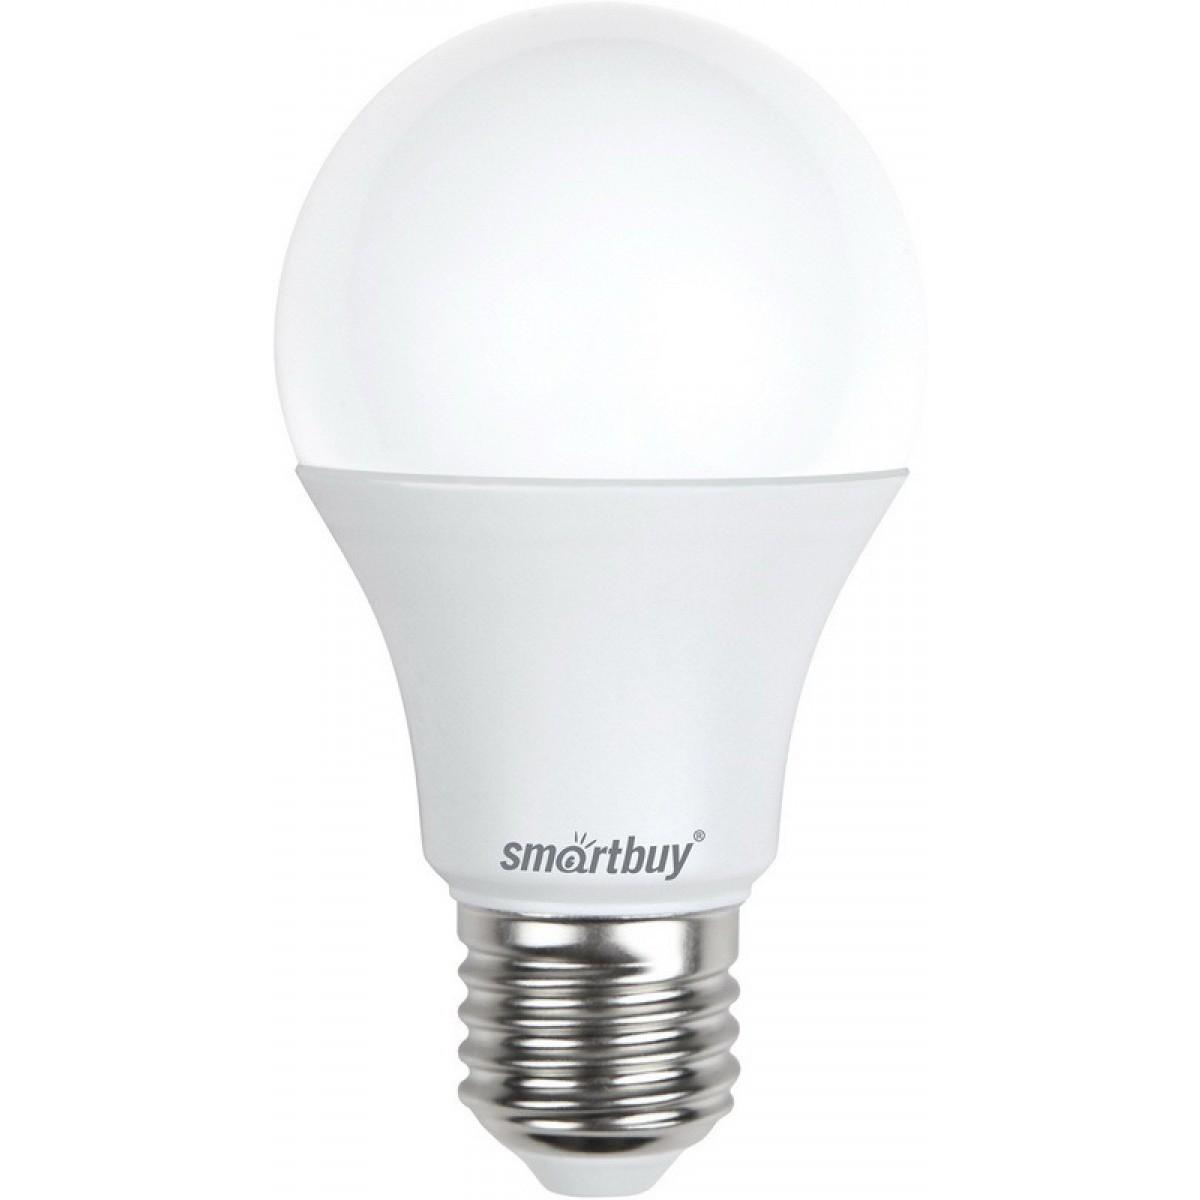 Smartbuy SBL-A80-20-60K-E27 Светодиодная (LED) Лампа  Smartbuy-A80-20W/<wbr>6000/<wbr>E27